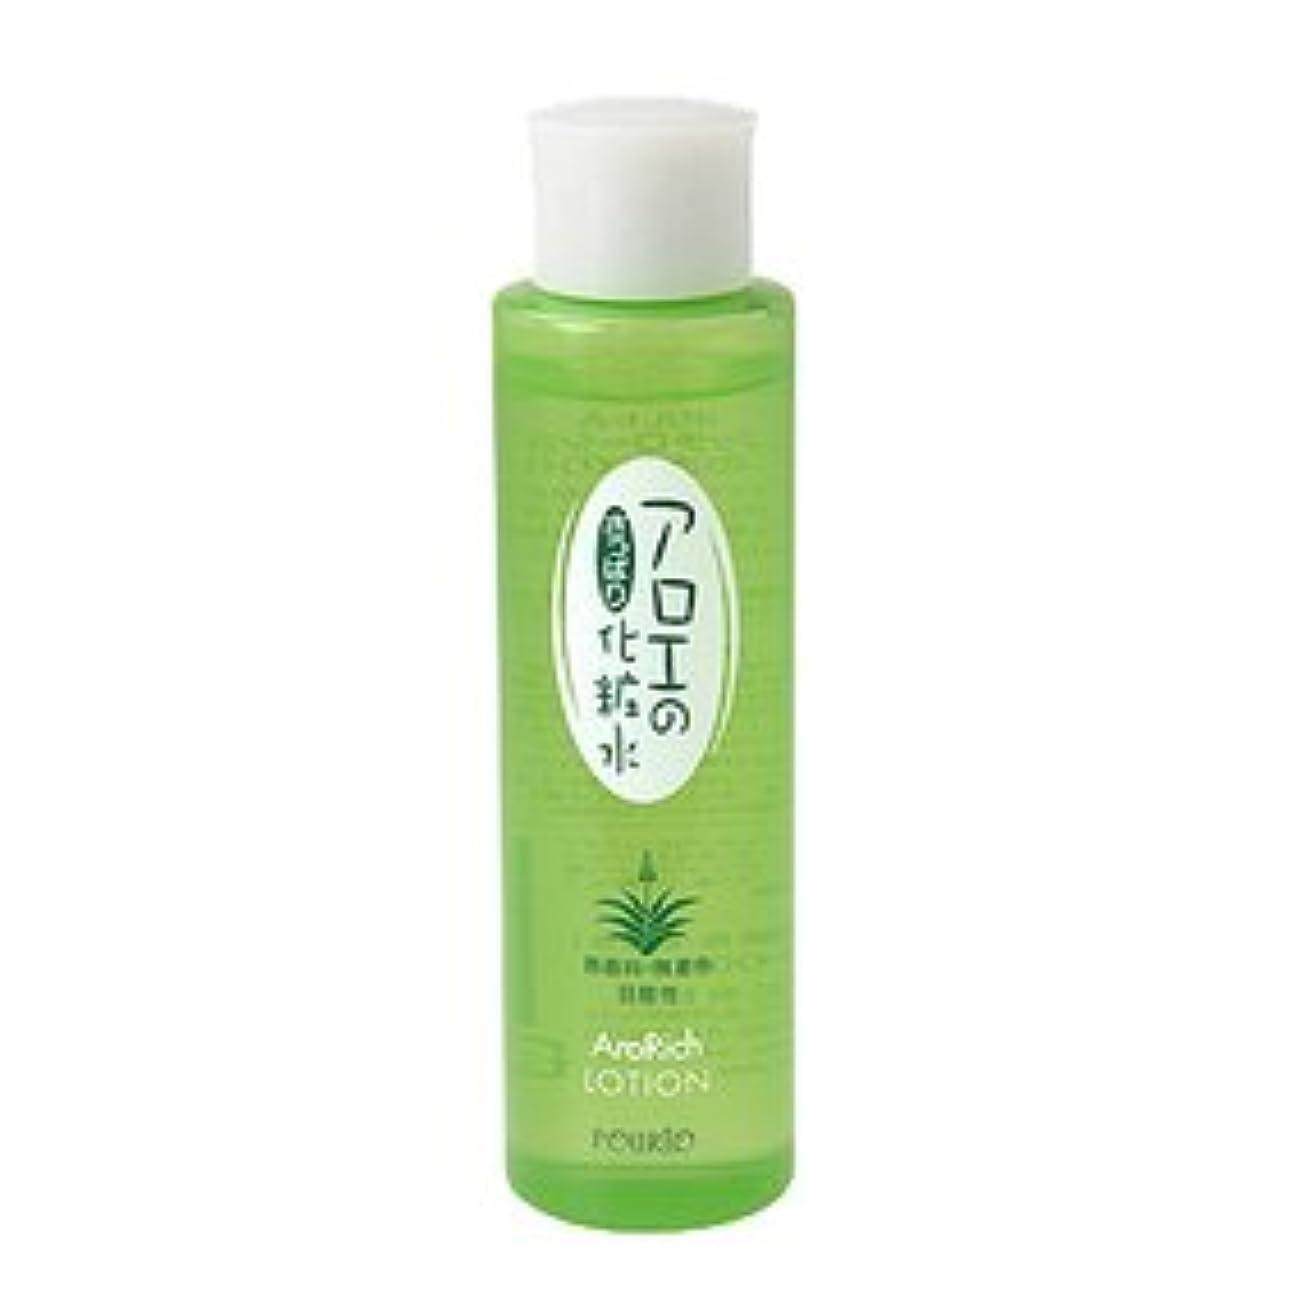 シャワー足音に沿ってポルトA さっぱりタイプの化粧水 アローリッチローション600